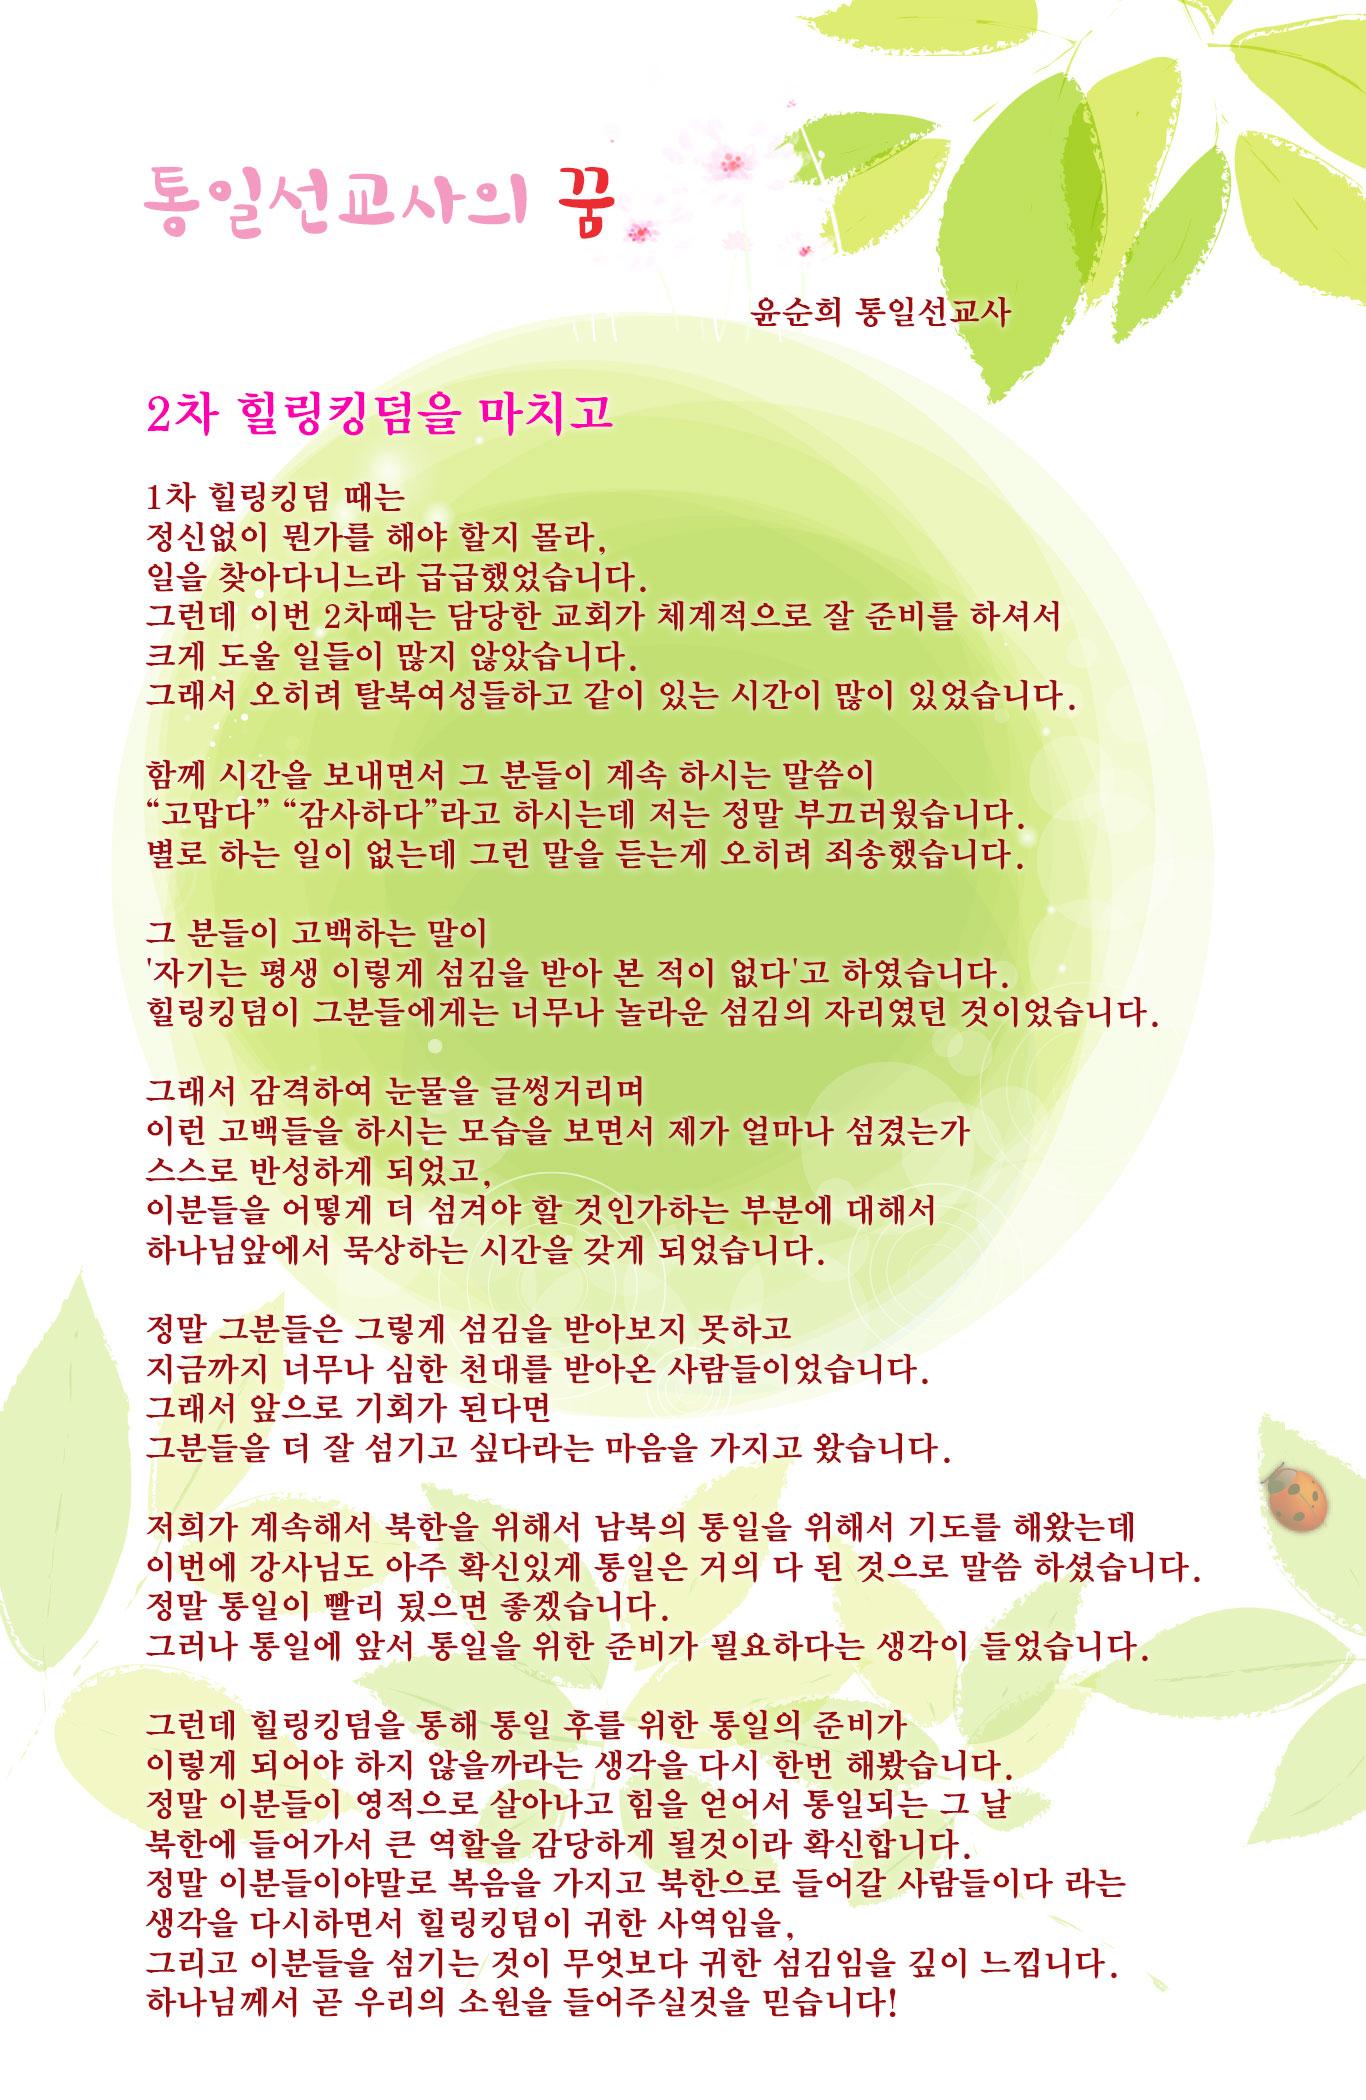 통일선교사의꿈_윤순희통일선교사.jpg